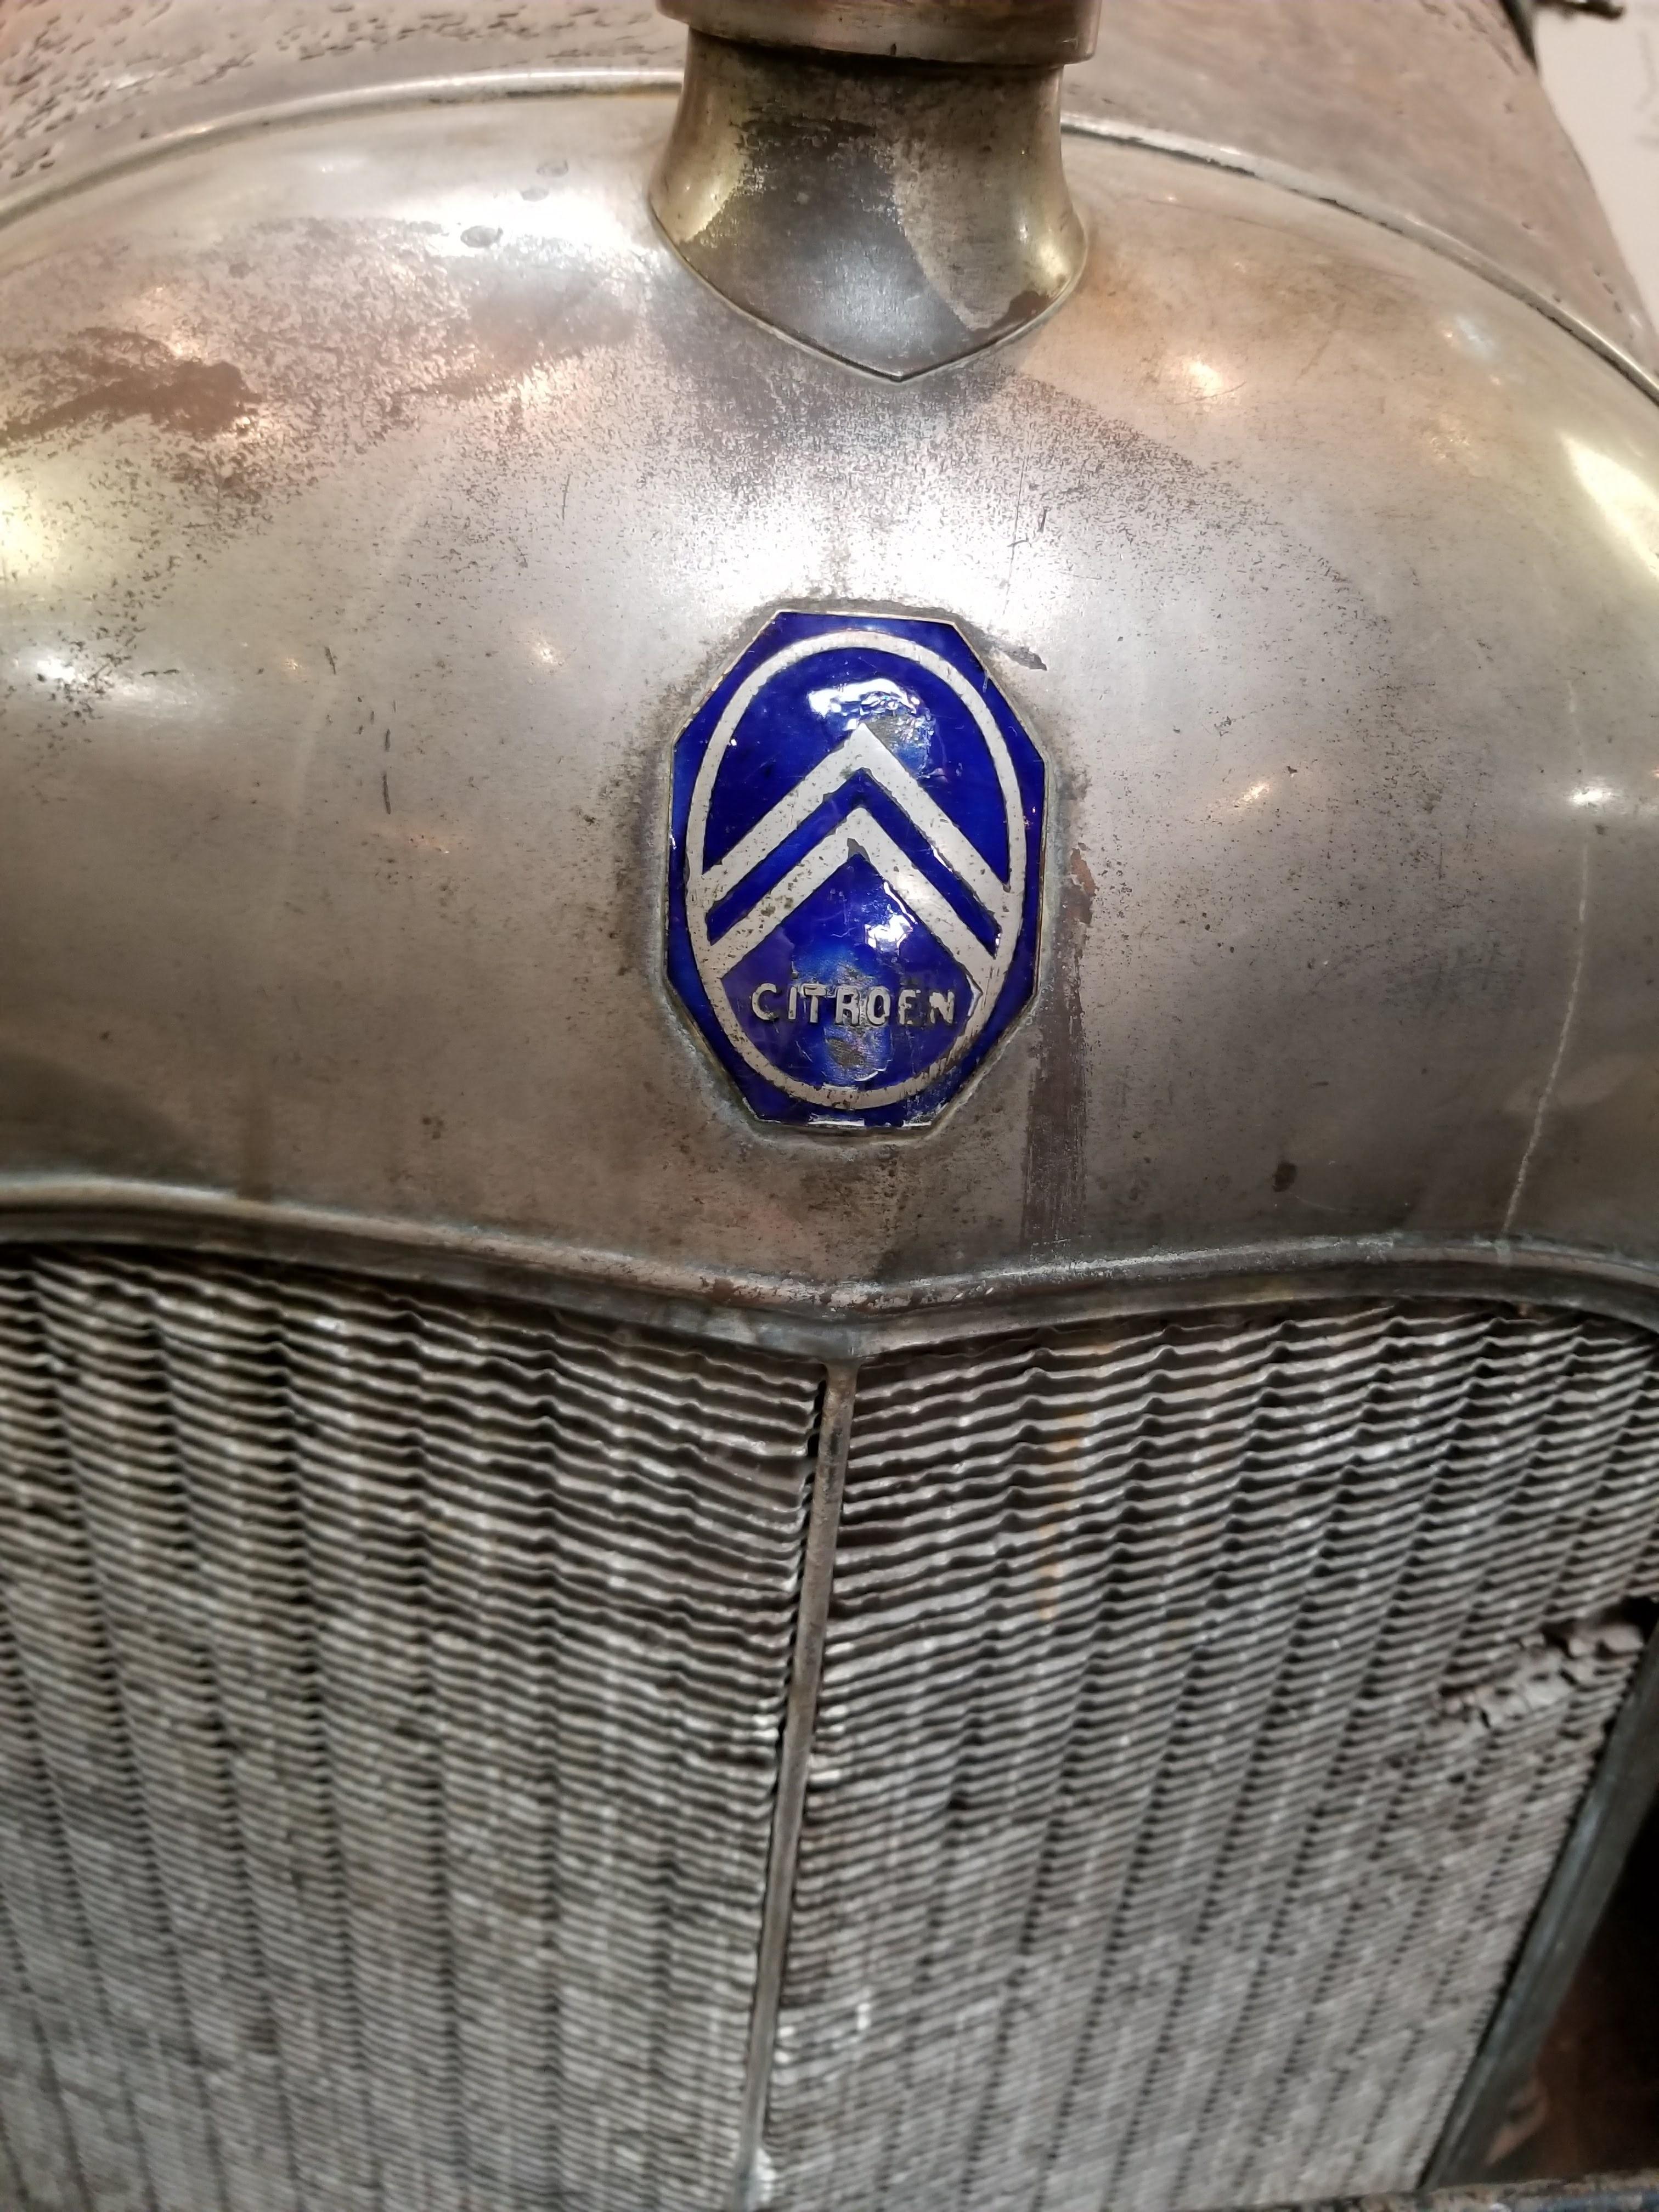 Citroen Chevron Logo